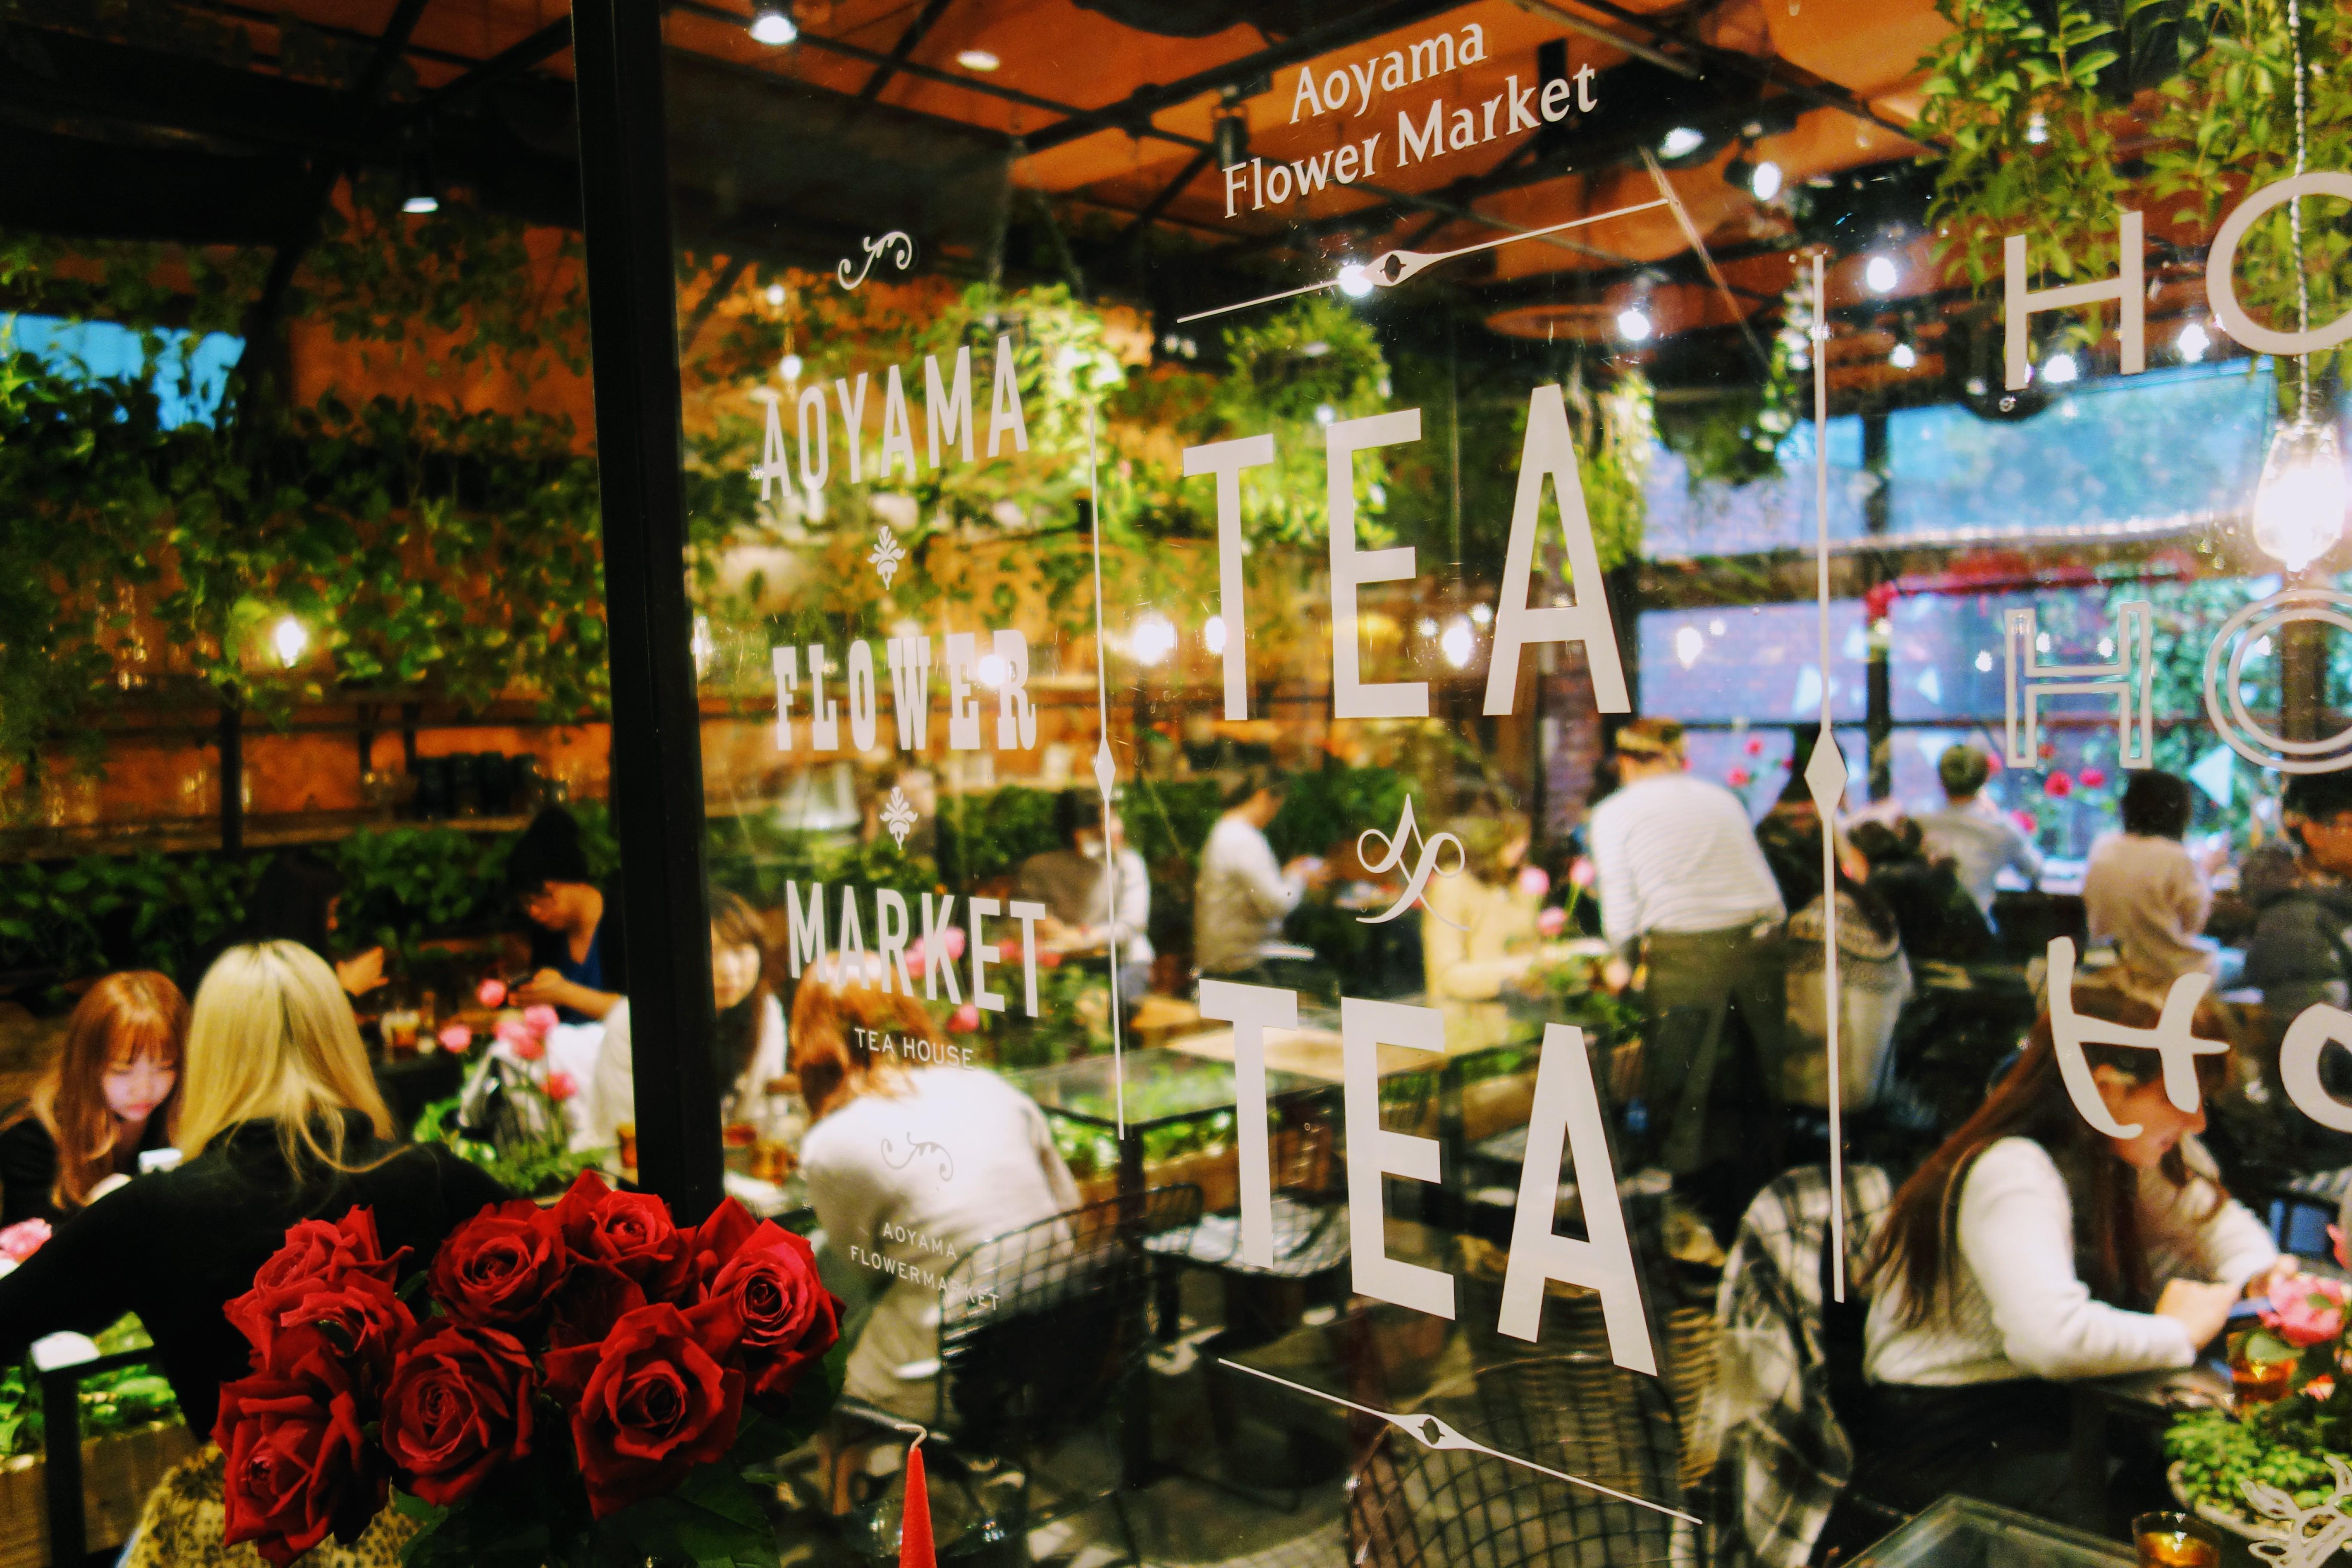 Aoyama Teahouse